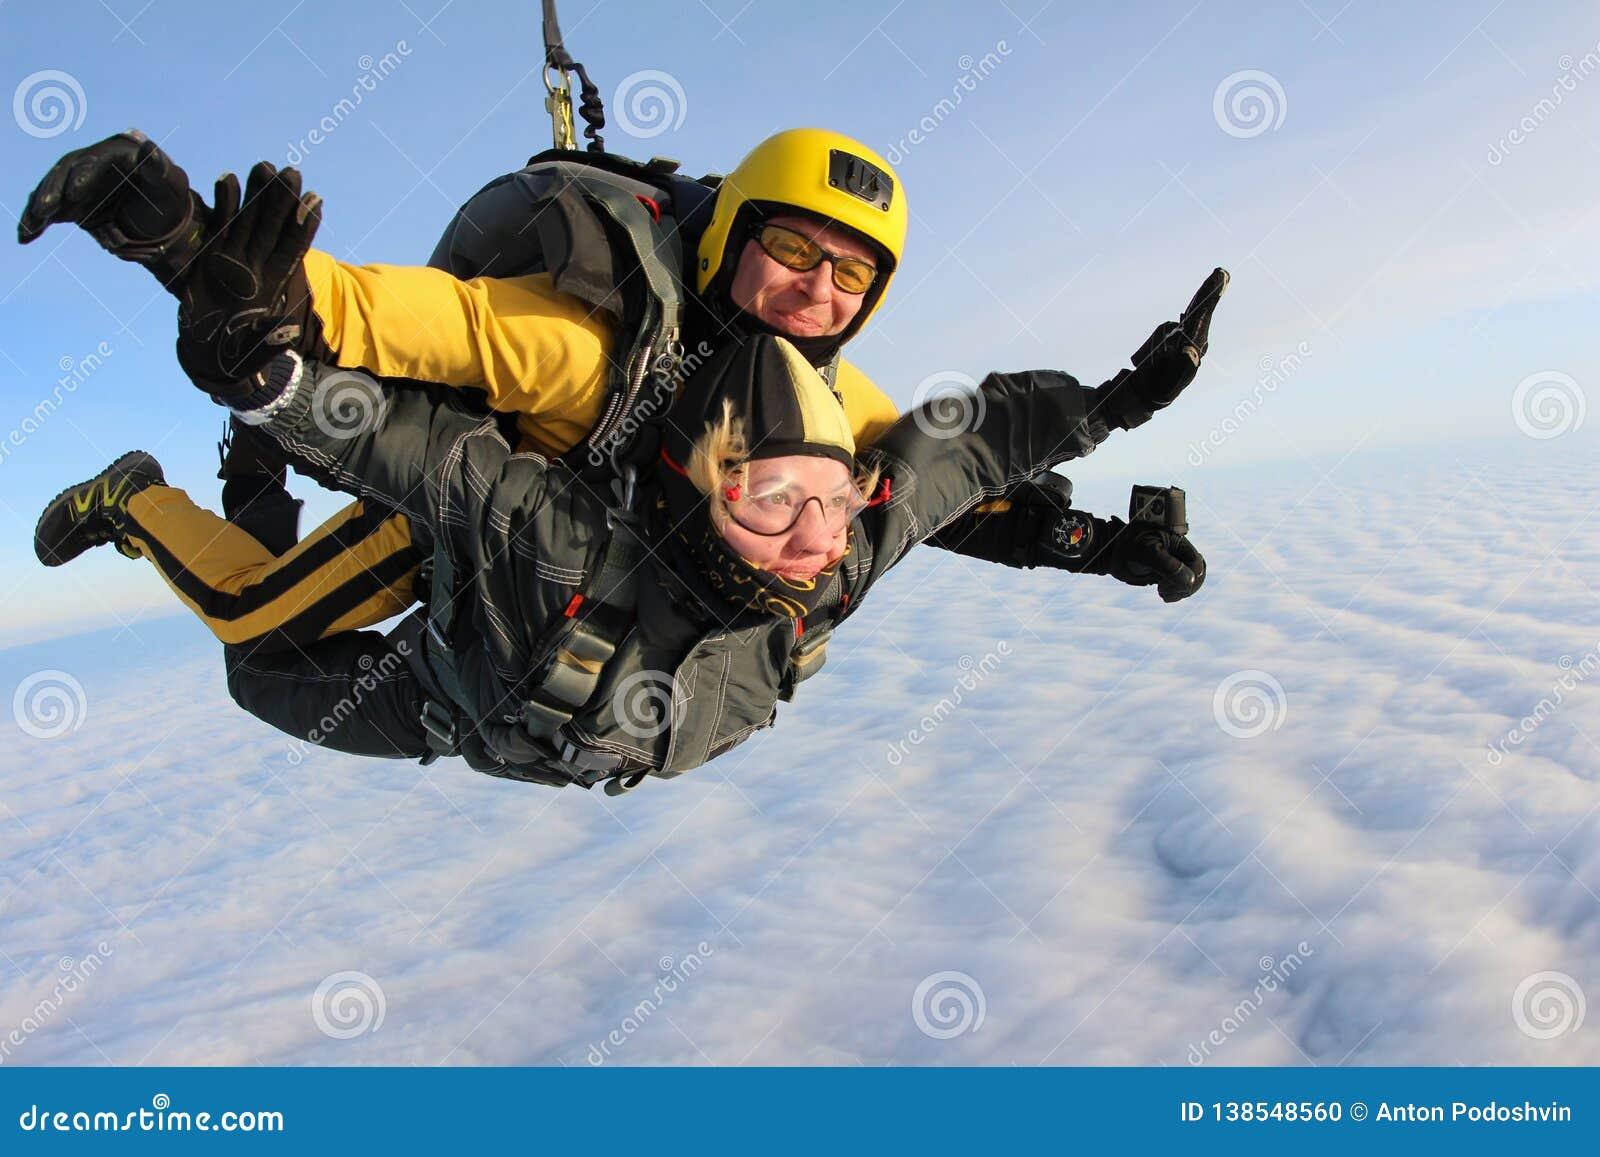 Lanciar in caduta liberasi in tandem I paracadutisti stanno volando sopra le nuvole bianche